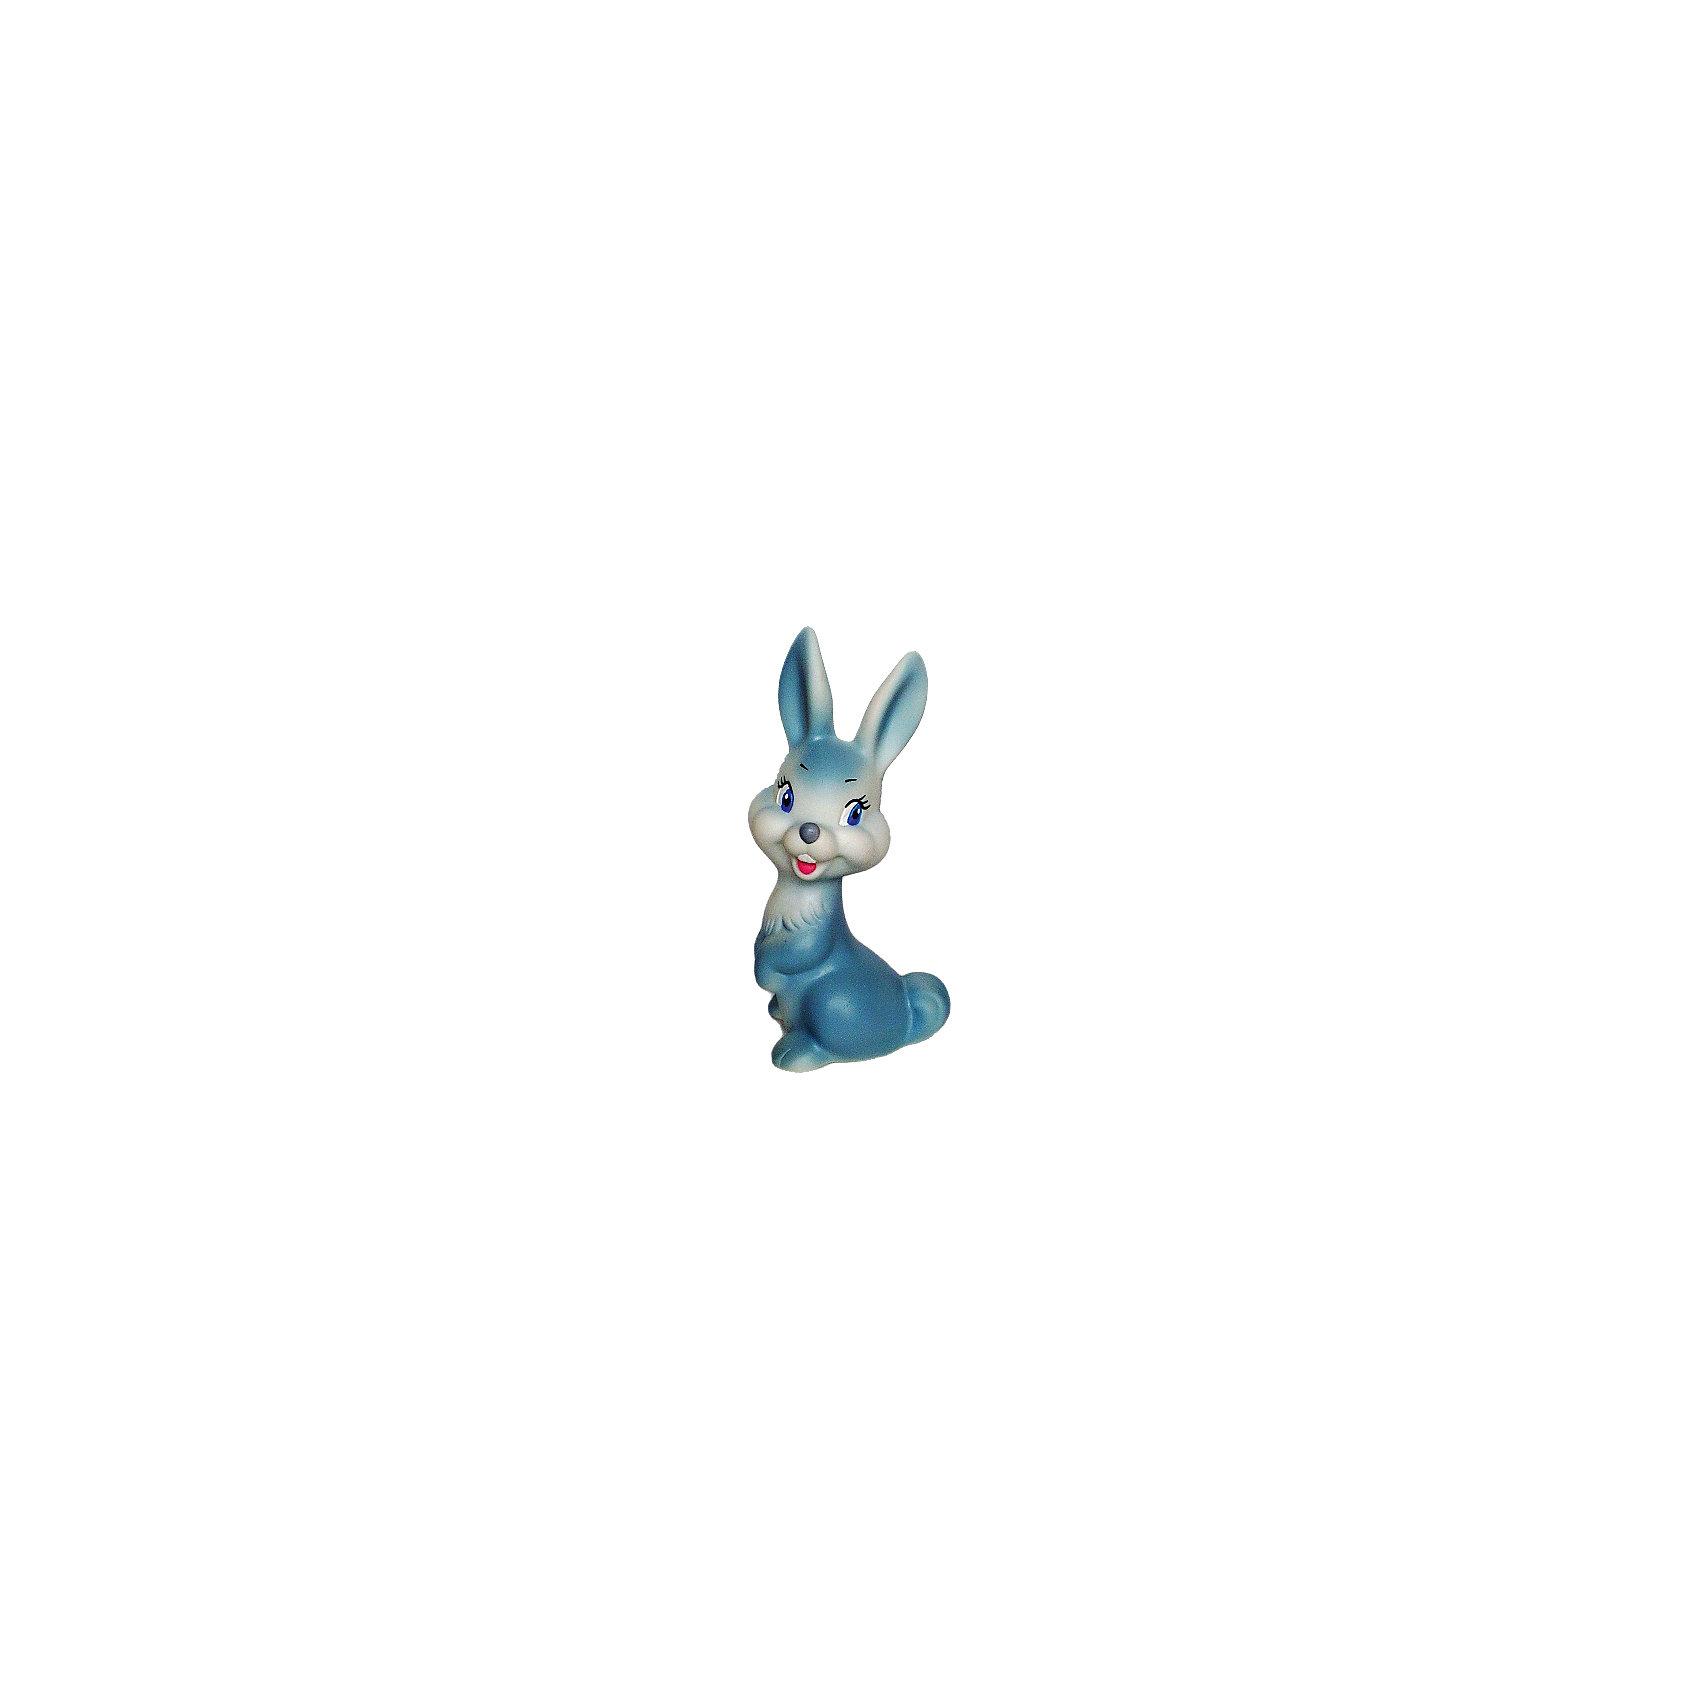 Зайчонок, КудесникиЗайчонок, Кудесники<br><br>Характеристики:<br><br>• Материал: пластизоль<br>• Размер: 14х7 см<br>• Игрушка: зайчонок<br>• Цвет: голубой<br><br>Классический дизайн игрушки неизменно привлекает каждого ребенка уже долгие годы. Сделана игрушка из качественного материала, который не вредит ребенку и не вызывает аллергии. Ее смело можно грызть, брать с собой в ванну, ведь игрушка совершенно не боится воды и влаги. Милый улыбающийся зайчик словно приглашает малыша поиграть с ним.<br><br>Зайчонок, Кудесники можно купить в нашем магазине.<br><br>Ширина мм: 80<br>Глубина мм: 60<br>Высота мм: 120<br>Вес г: 80<br>Возраст от месяцев: 12<br>Возраст до месяцев: 36<br>Пол: Унисекс<br>Возраст: Детский<br>SKU: 4896443